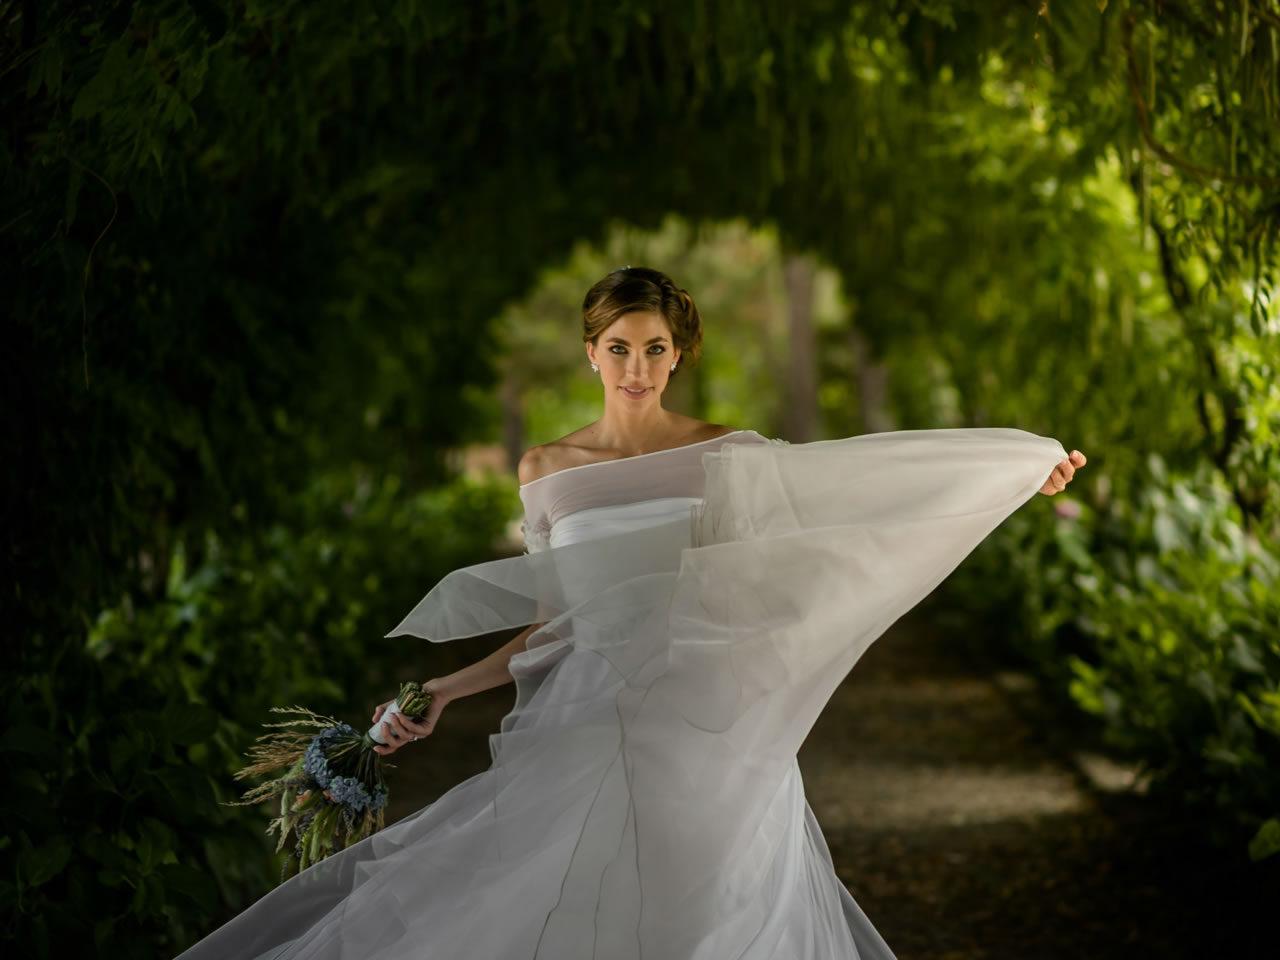 Turn Around :: Amazing wedding day at Il Borro :: Photo - 28 :: Turn Around